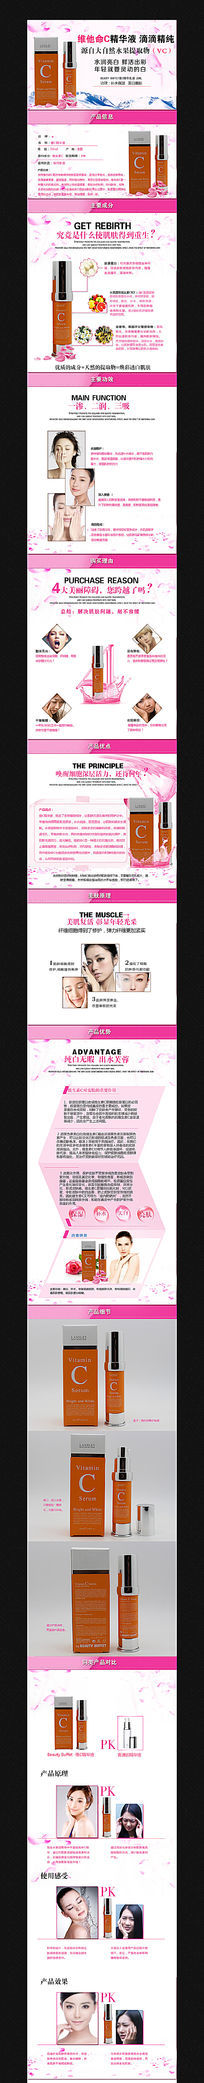 淘宝化妆品描述